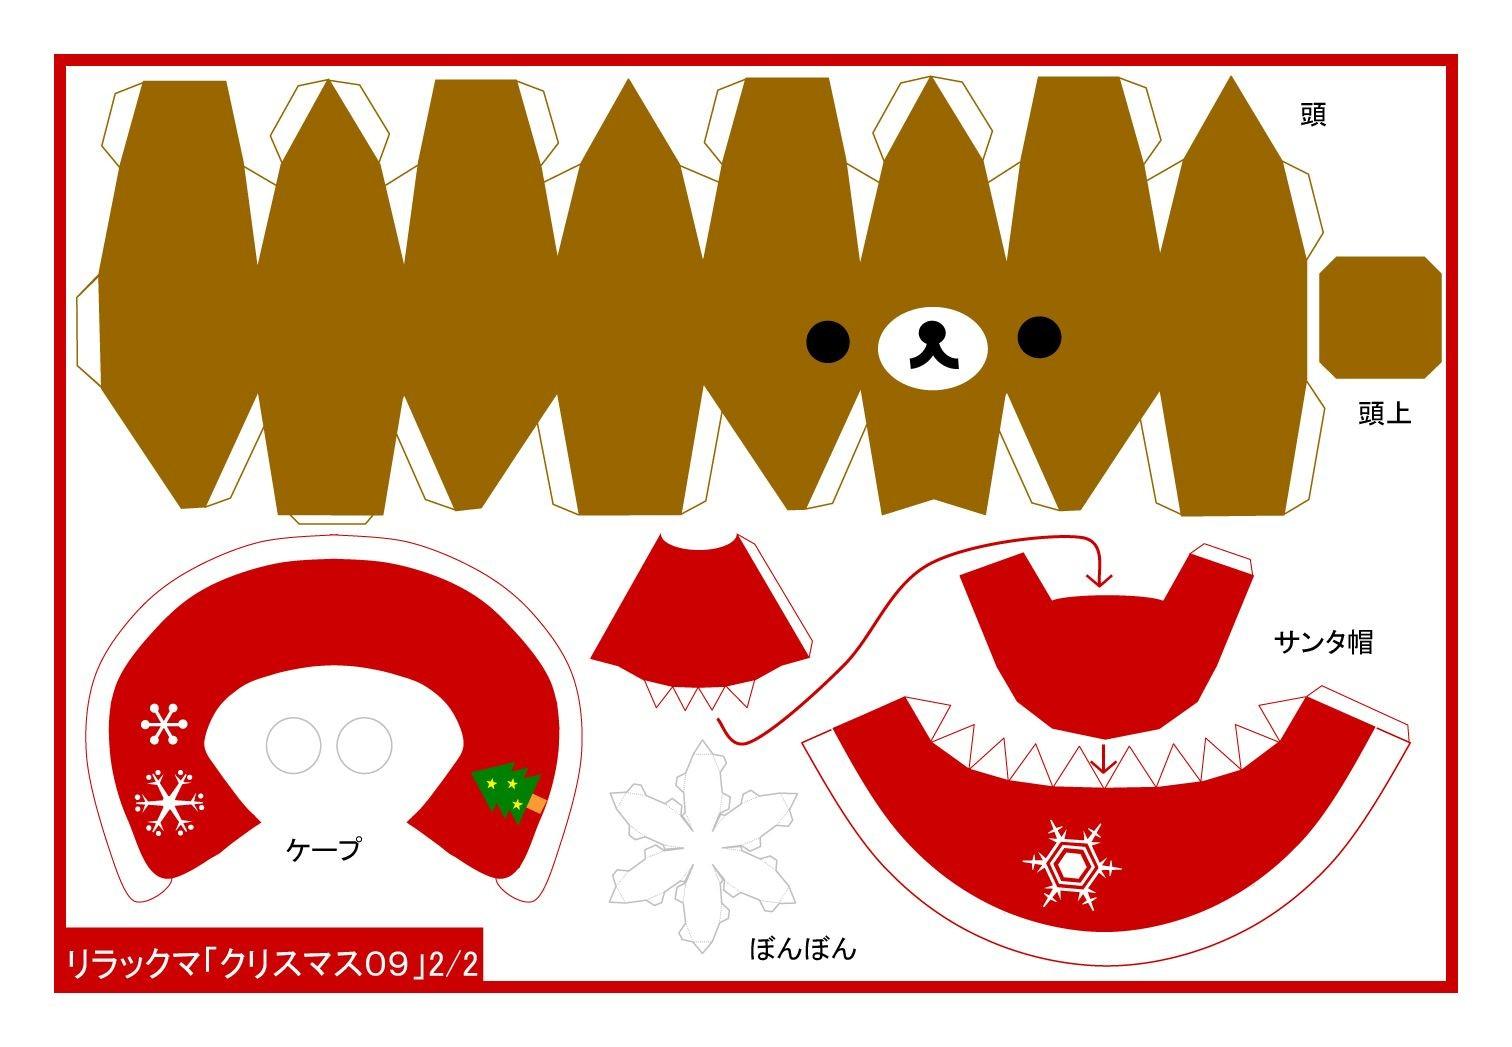 Kawaii Papercraft Blog Imgs 32 origin Fc2 K U M Kuma0rila Ddf